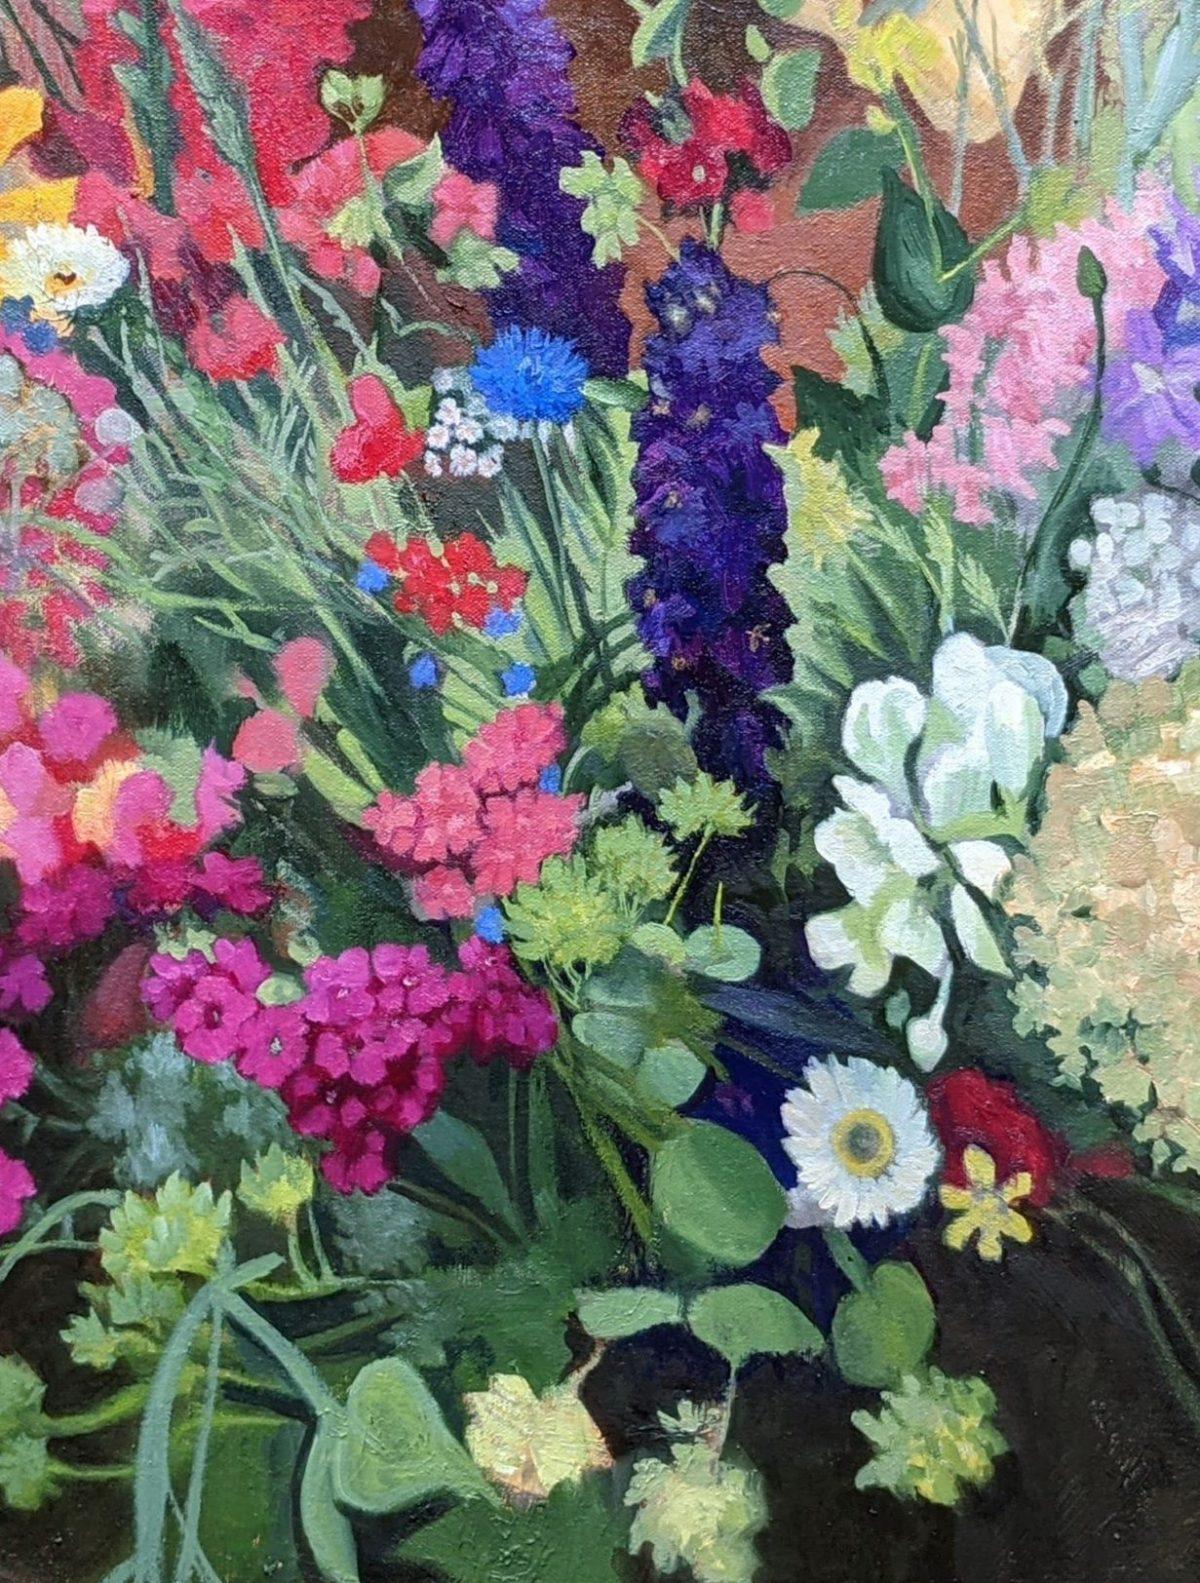 Delphinium and Hydrangea 24x30 Oil on Canvas